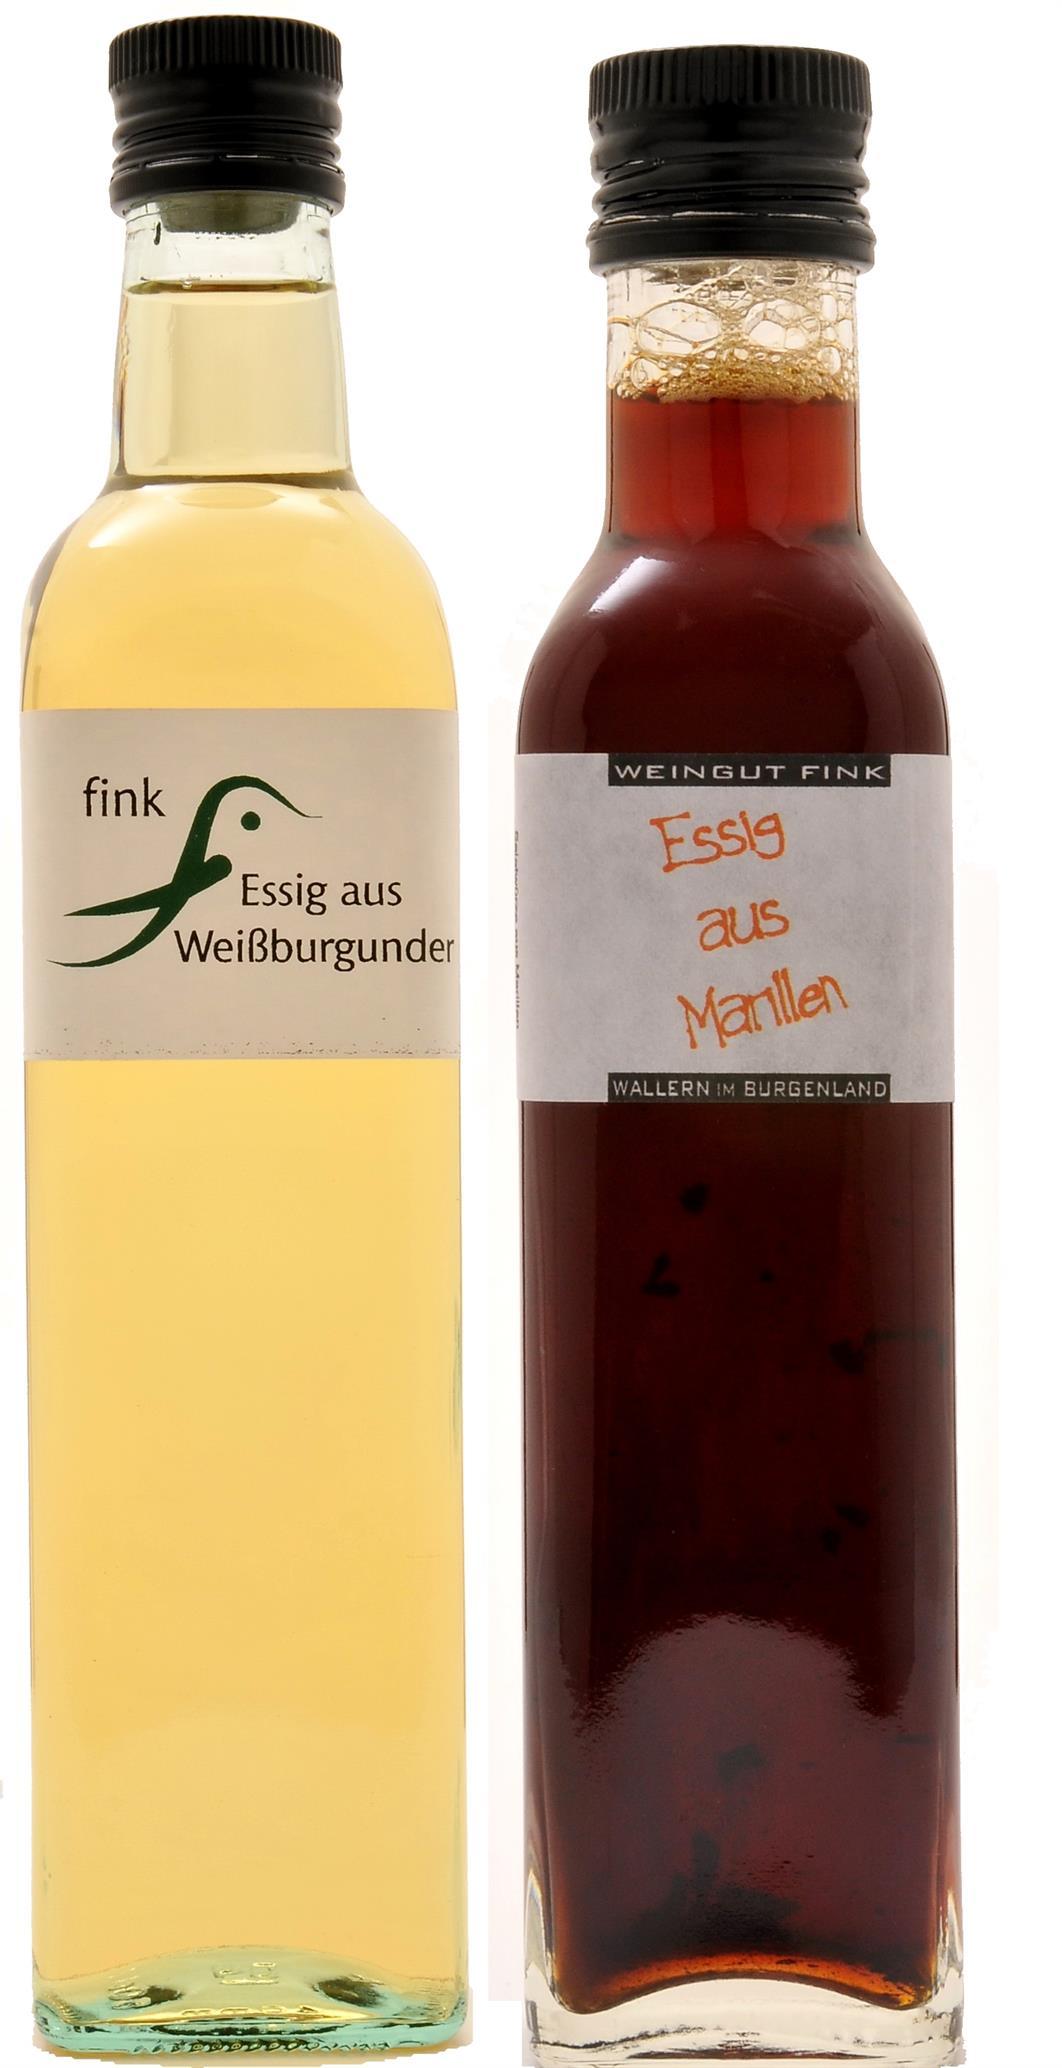 Weissburgunderessig 7% + Marillenessig [Aprikosen] 5%